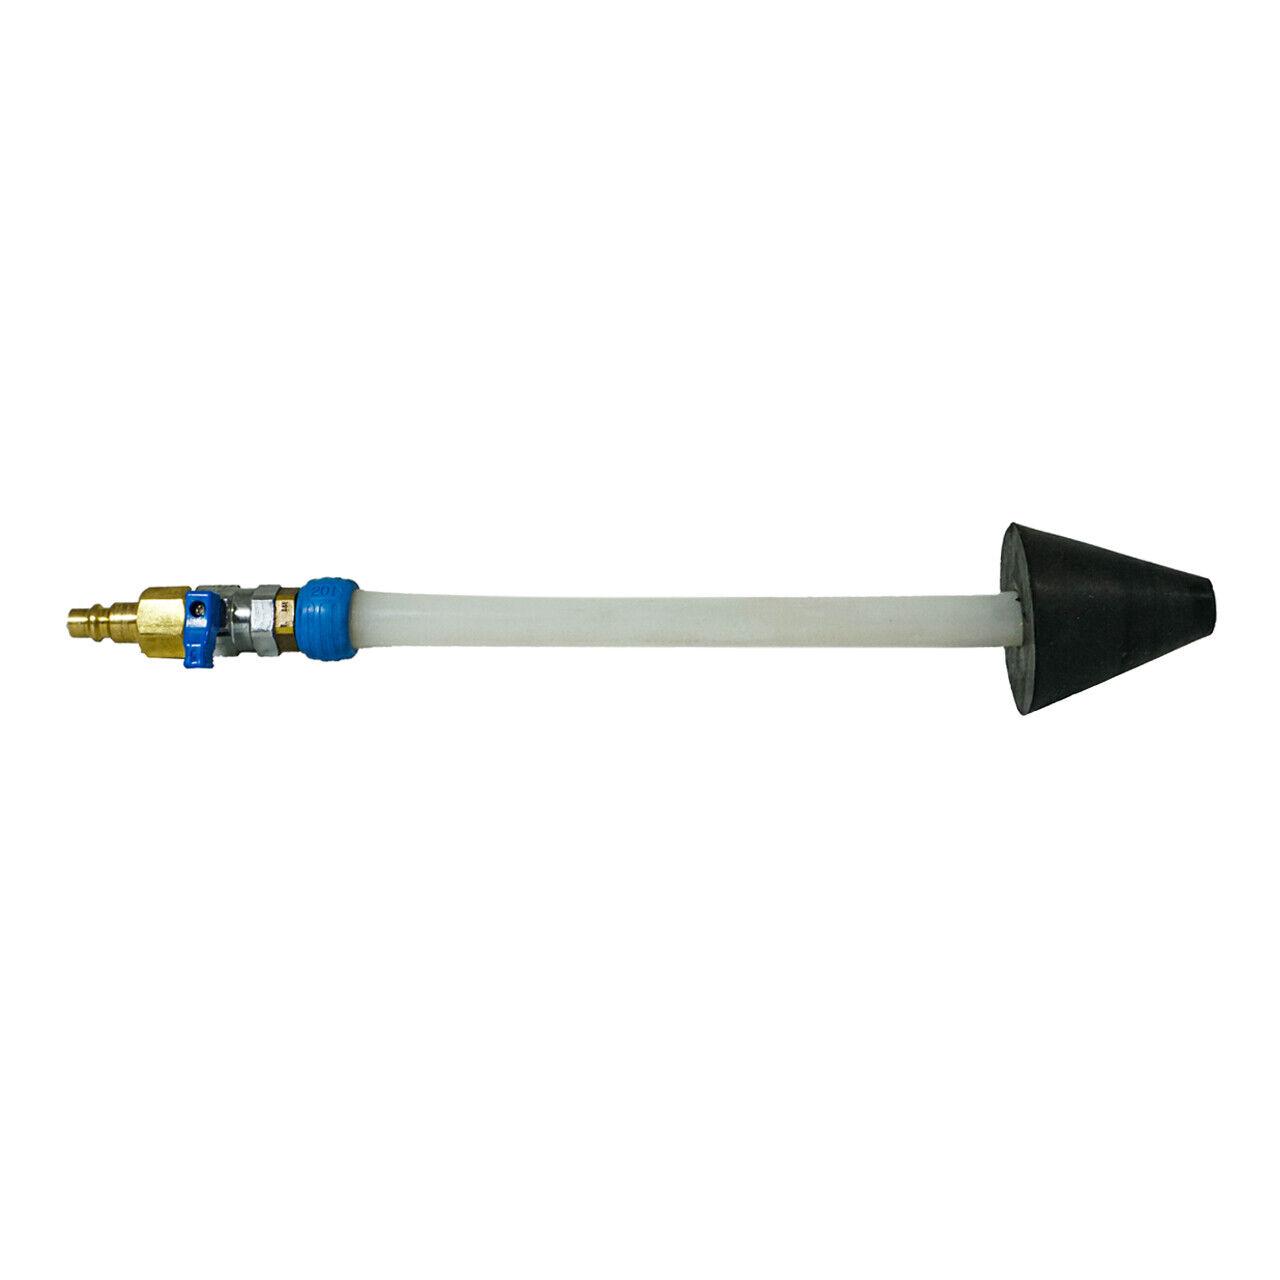 s l1600 - x1 Lanza Universal Adaptable COMPLEMENTO para BAC Bomba Desatascadora de Tuberia